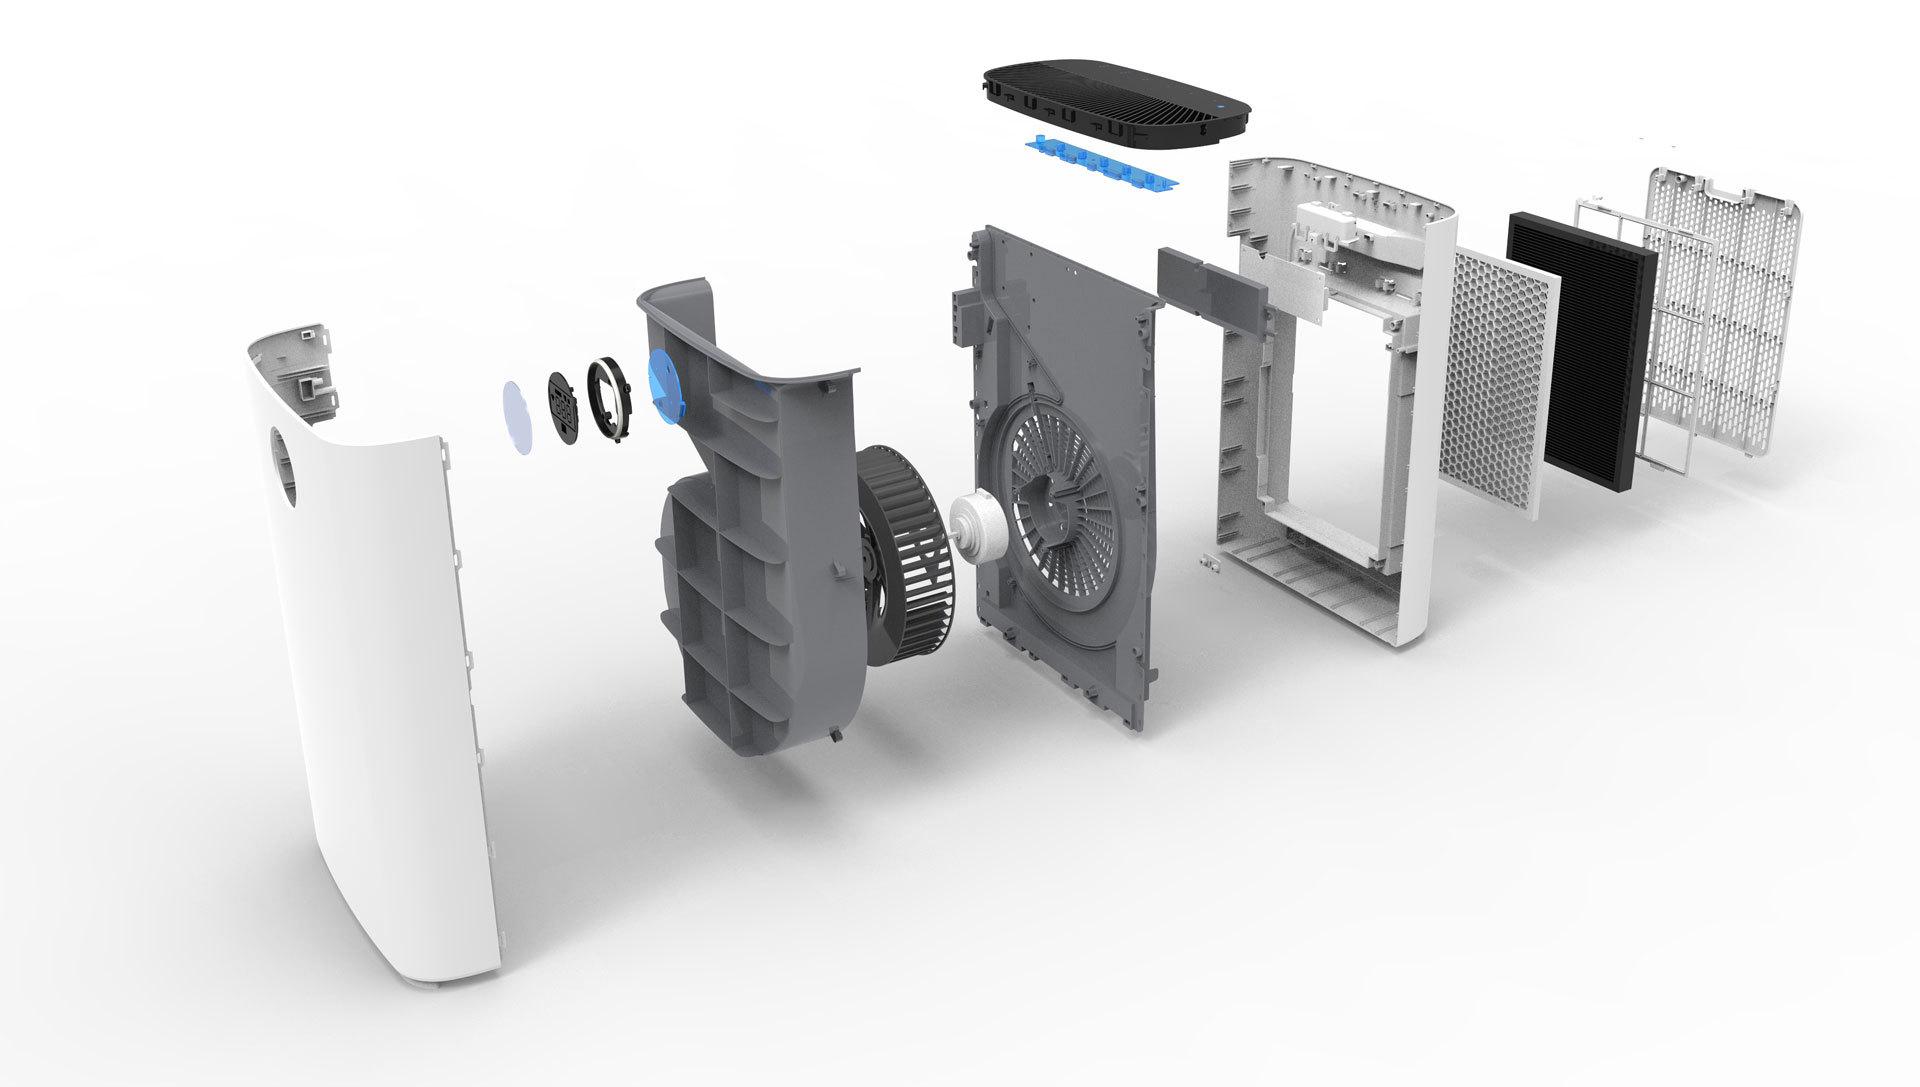 Tesla Smart Air Purifier Pro L